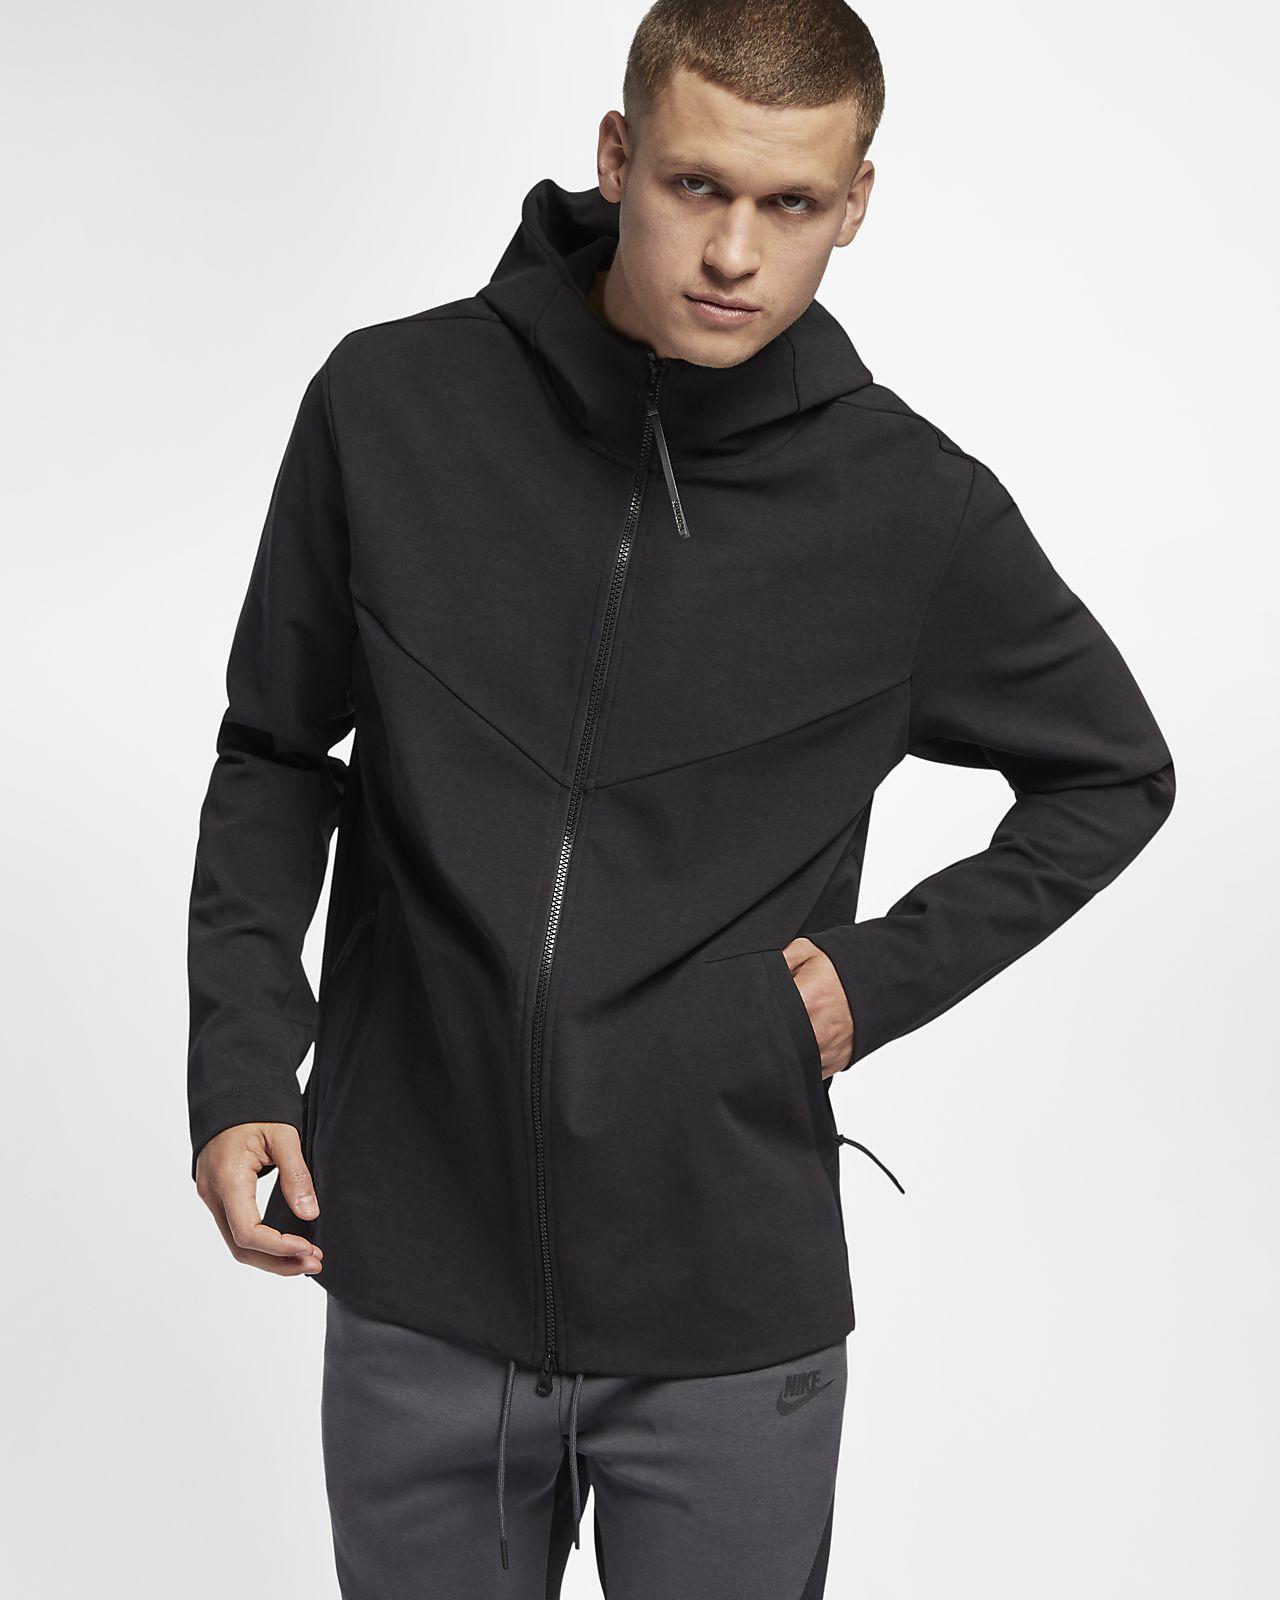 Nike Sportswear Tech Pack Men's Full Zip Knit Hoodie